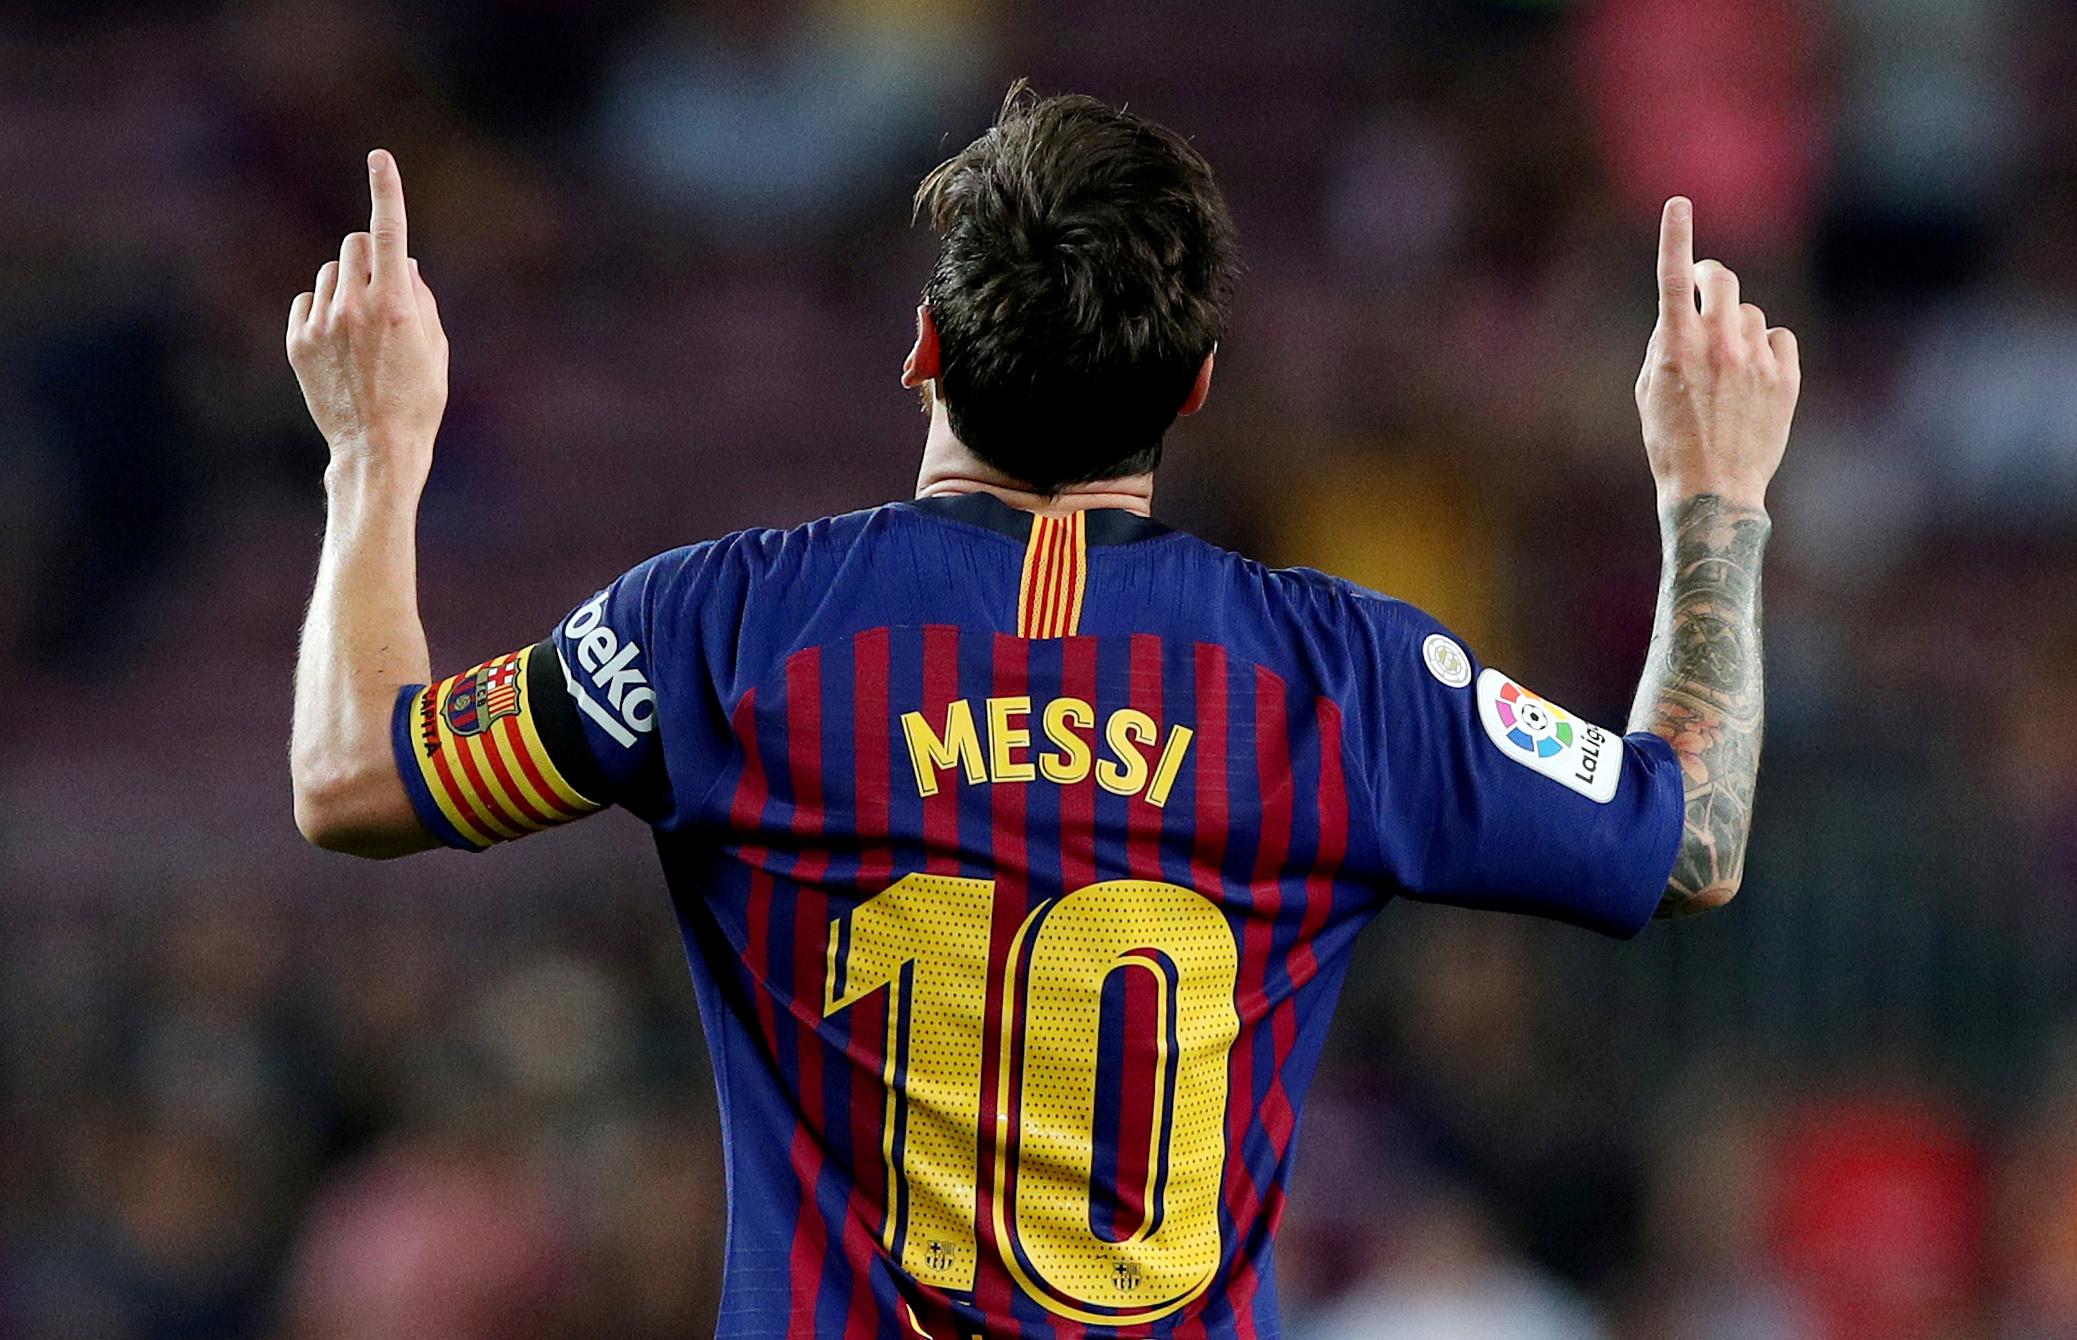 Pai de Messi disse que jogador pode ficar mais um ano no clube